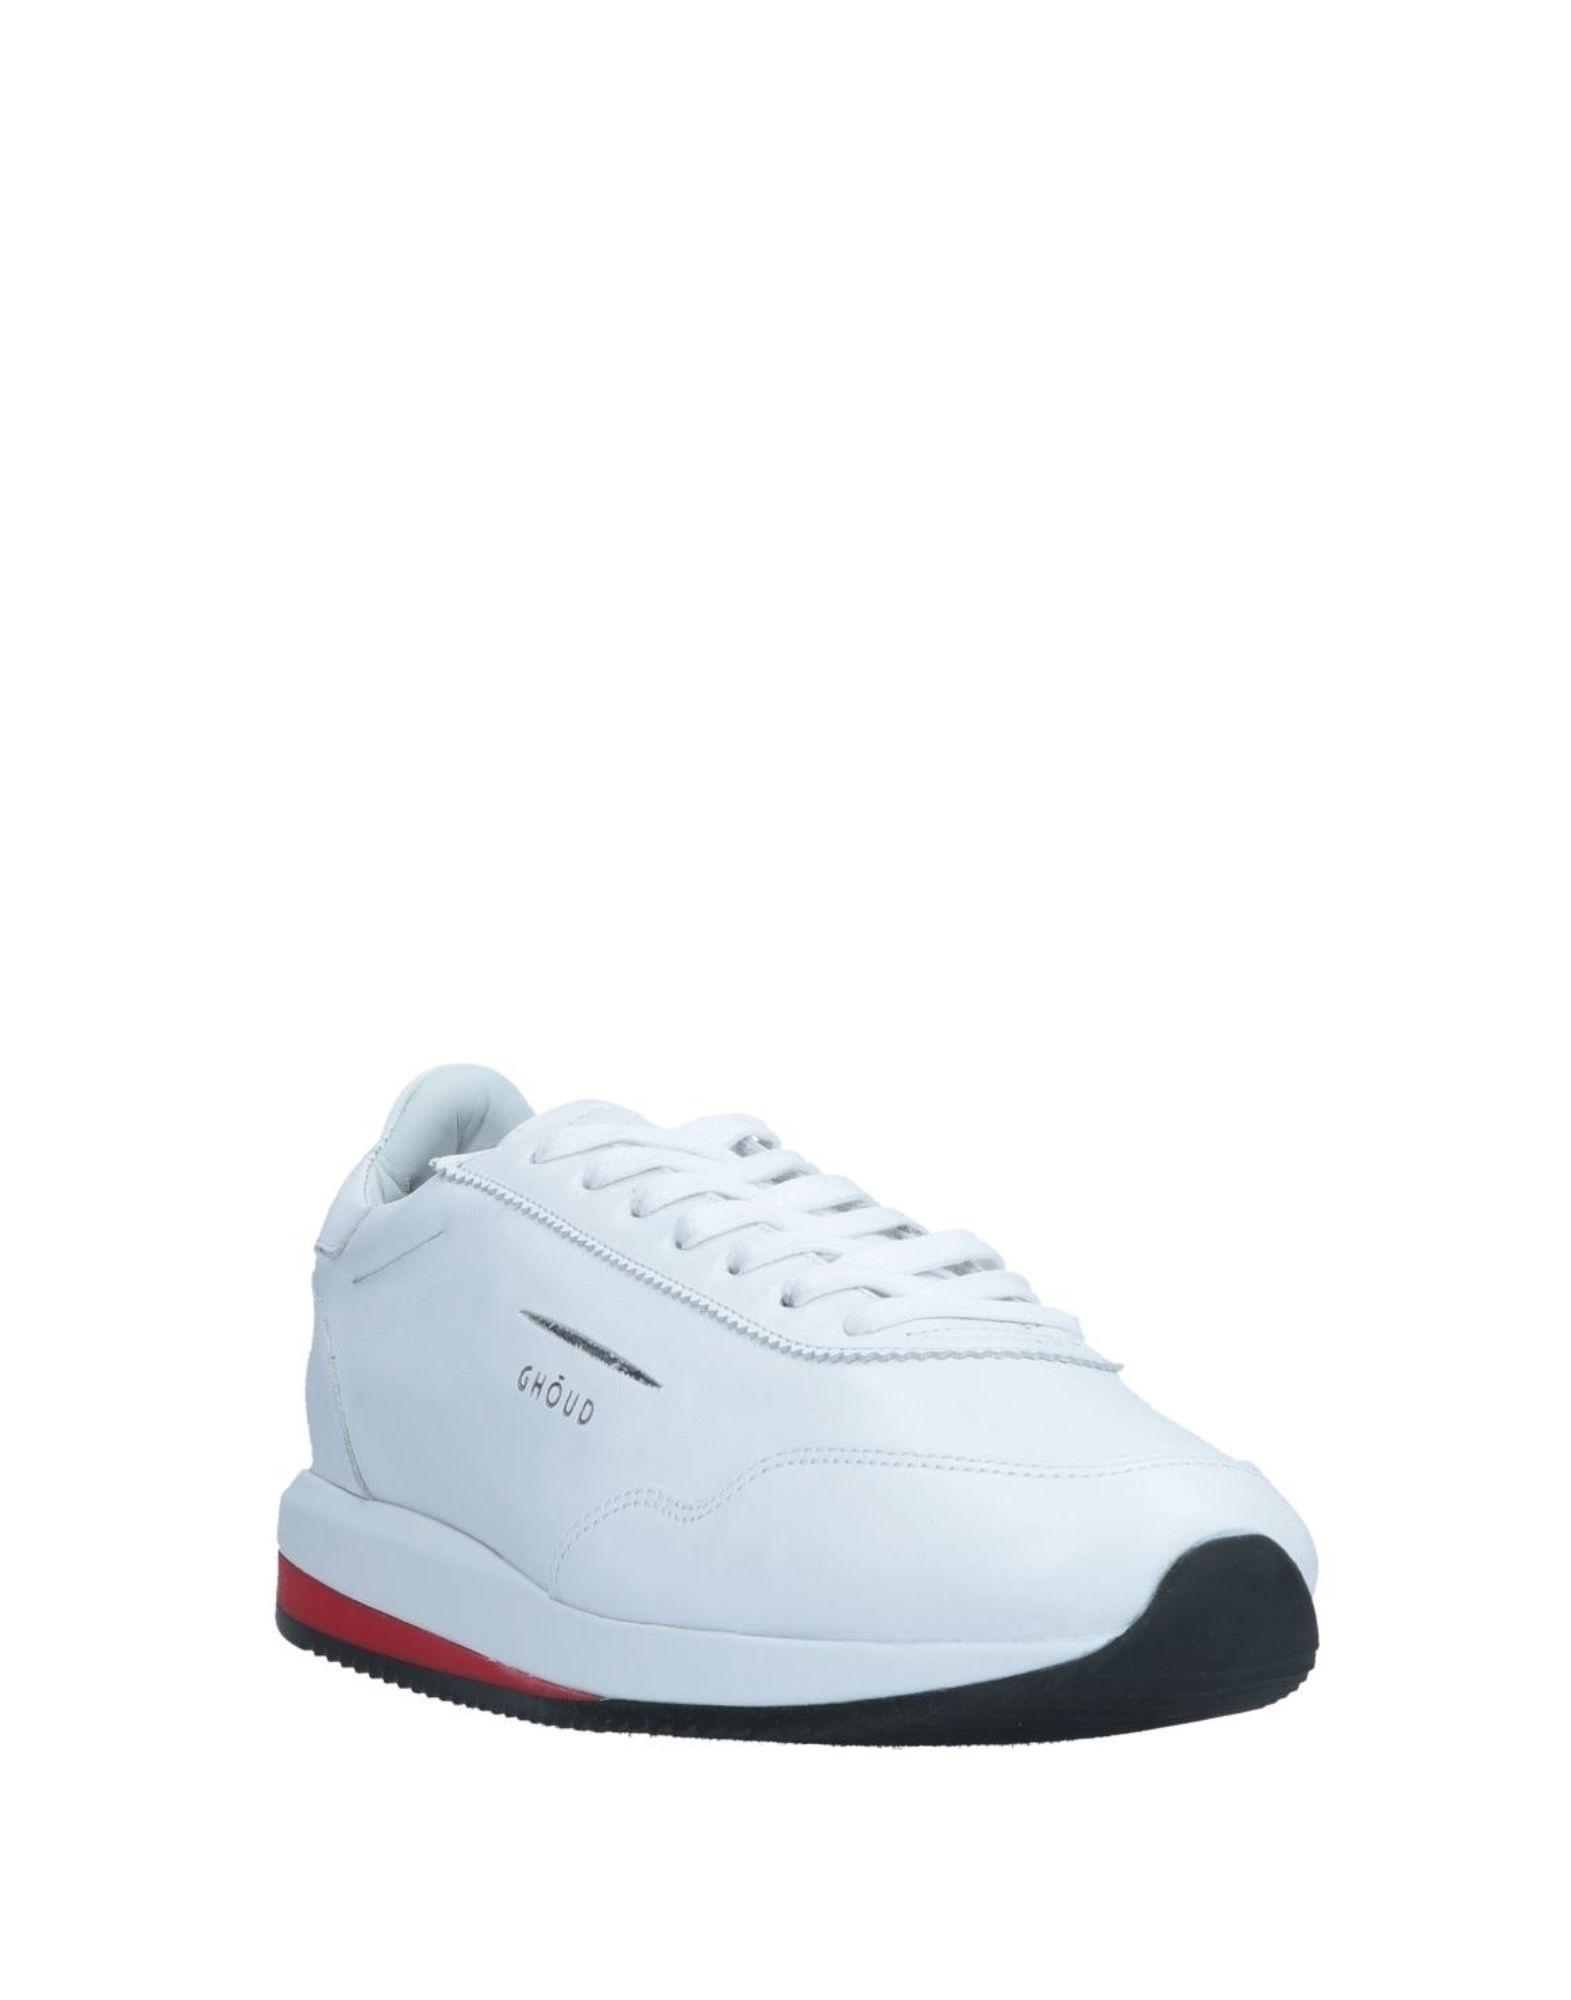 Ghōud Venice Venice Ghōud Sneakers Herren  11545437IP 7d5732